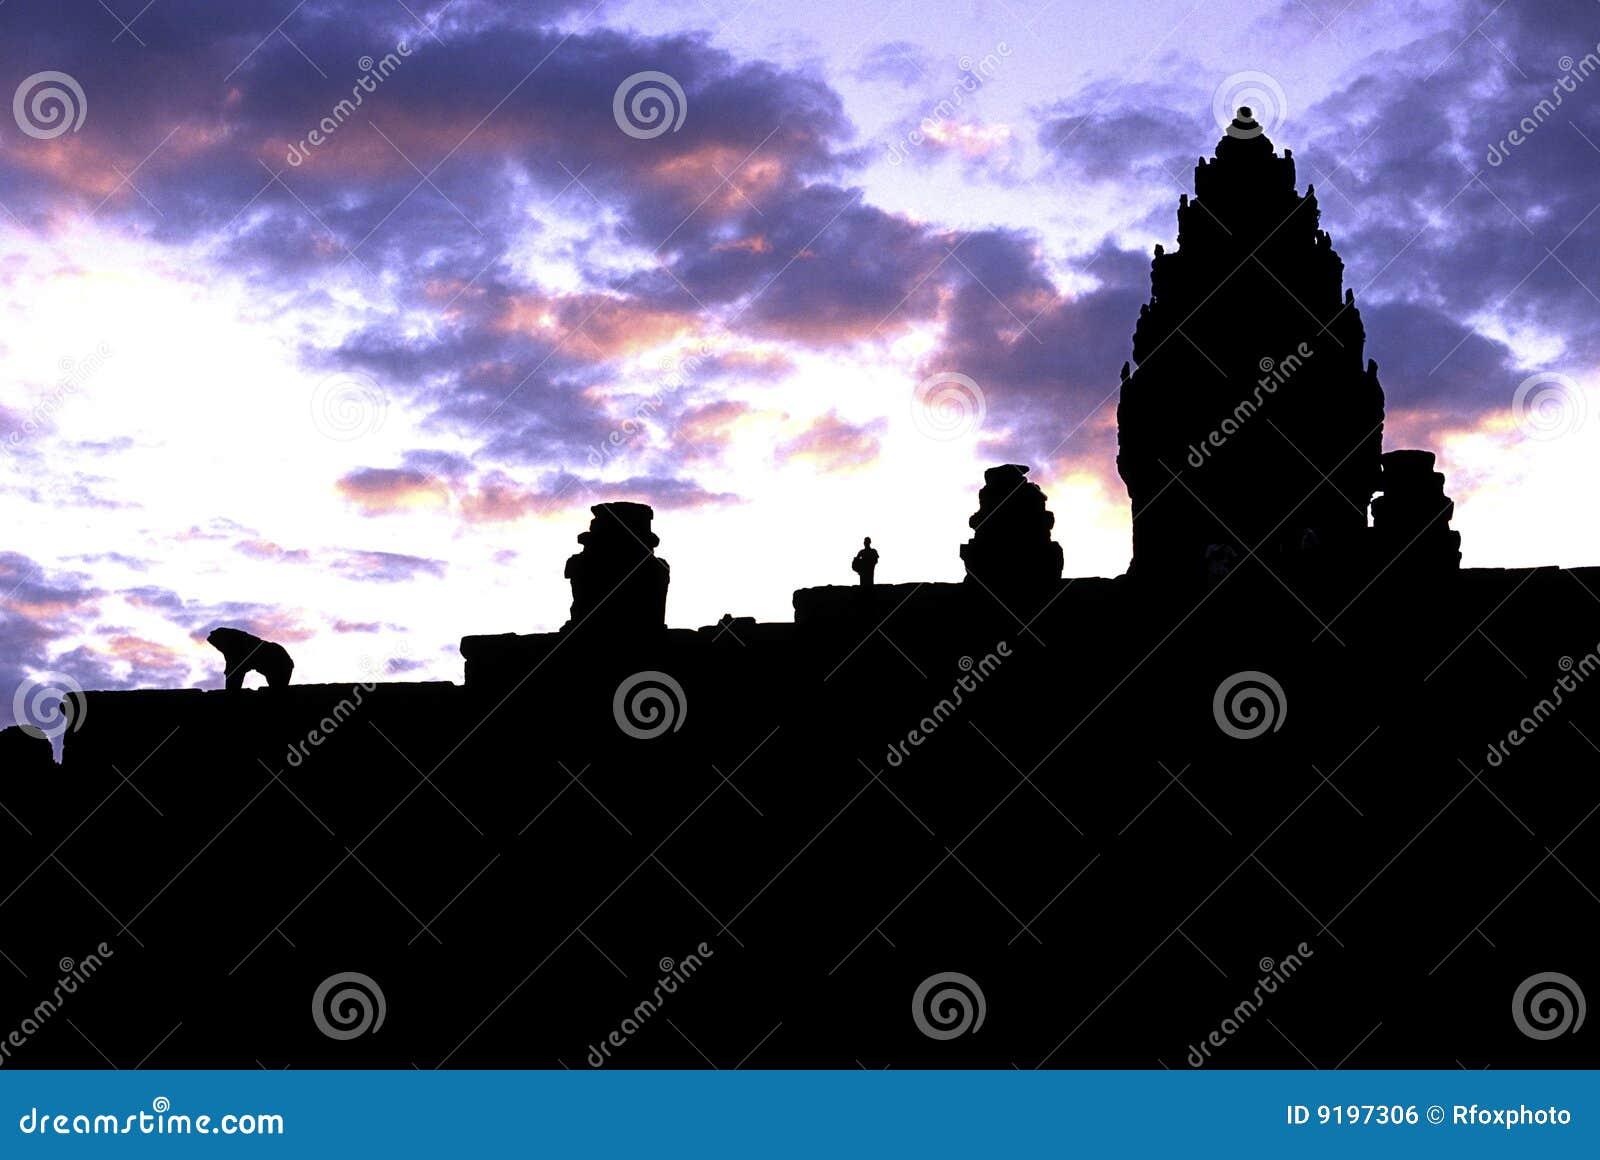 柬埔寨废墟